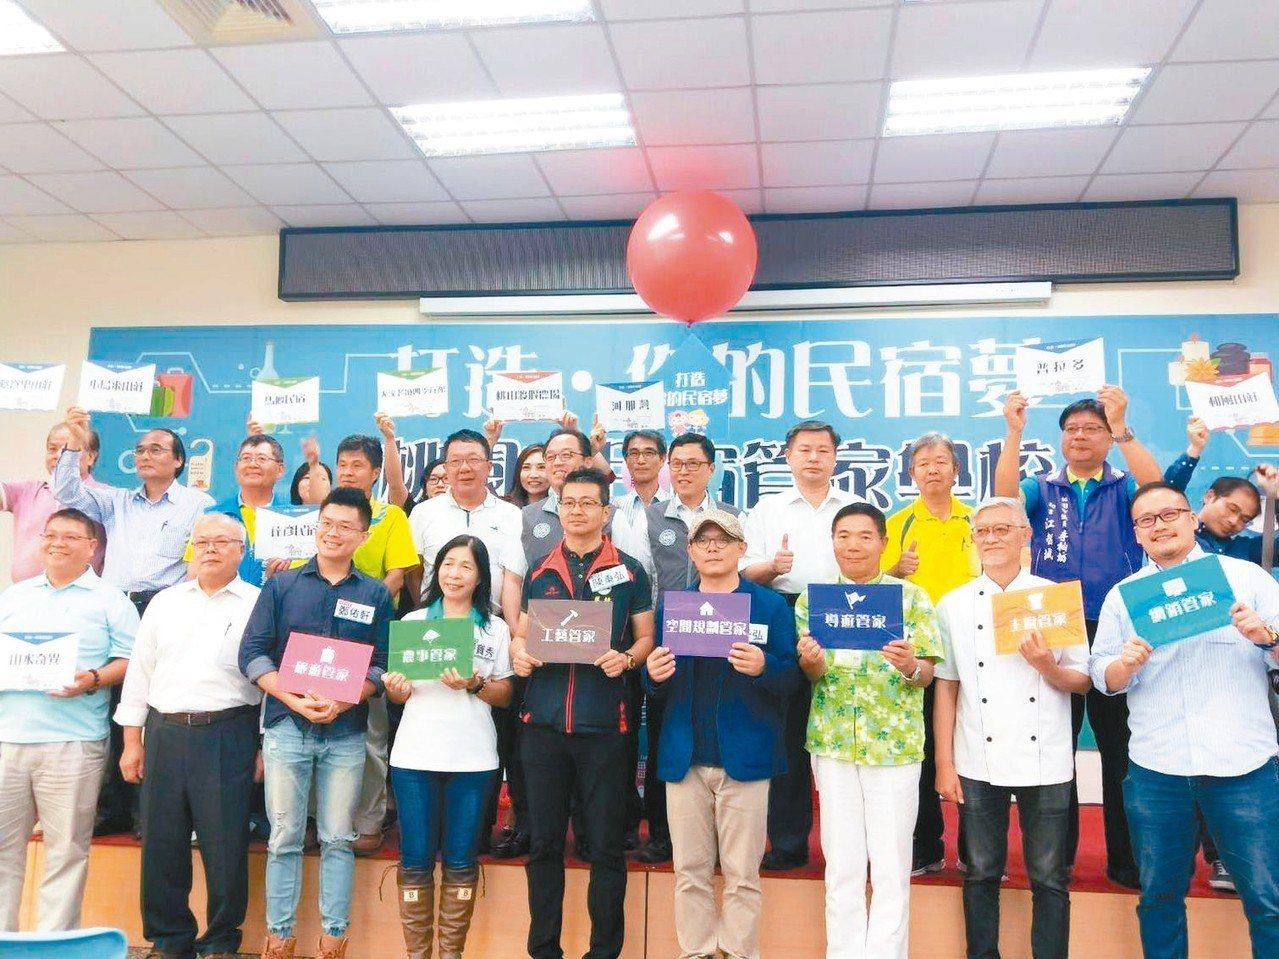 桃園市民宿管家學校昨天開學典禮,邀授課的「七大管家」現身說法。 記者張弘昌/攝影